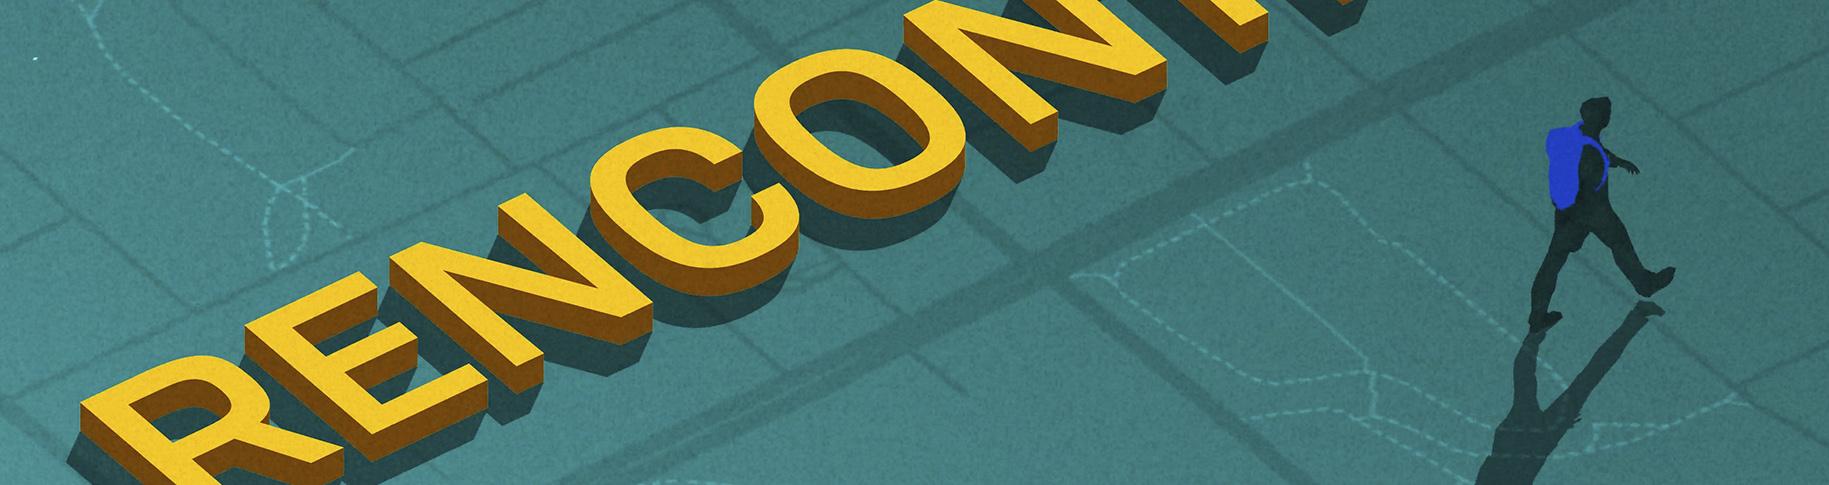 RECON HEADER_01.jpg